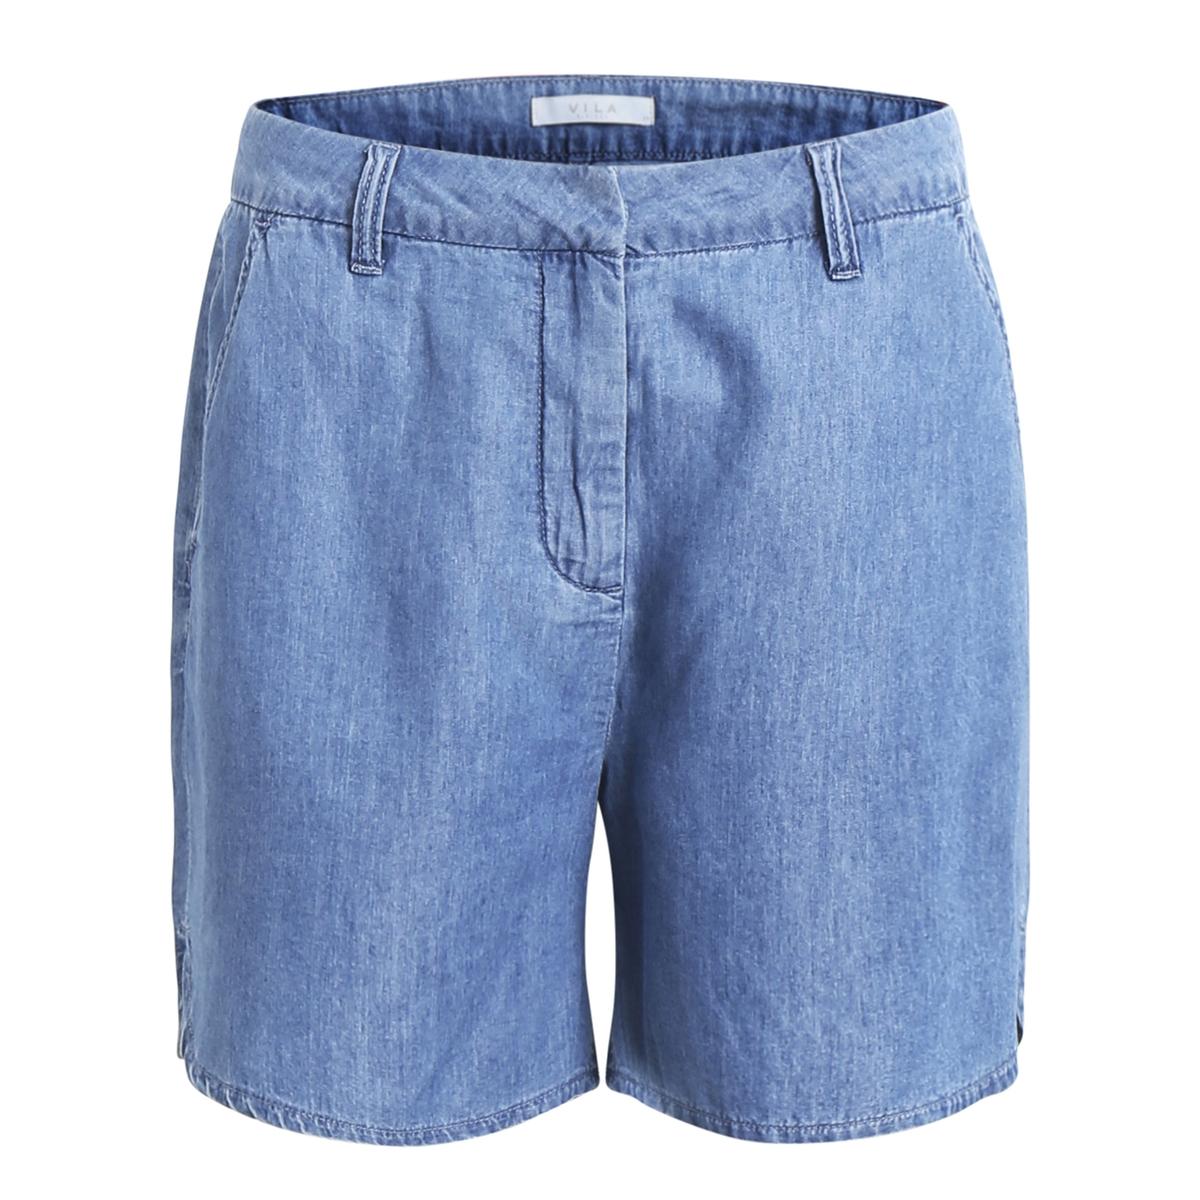 Шорты лёгкие под джинсу, закруглённые прорези по бокам